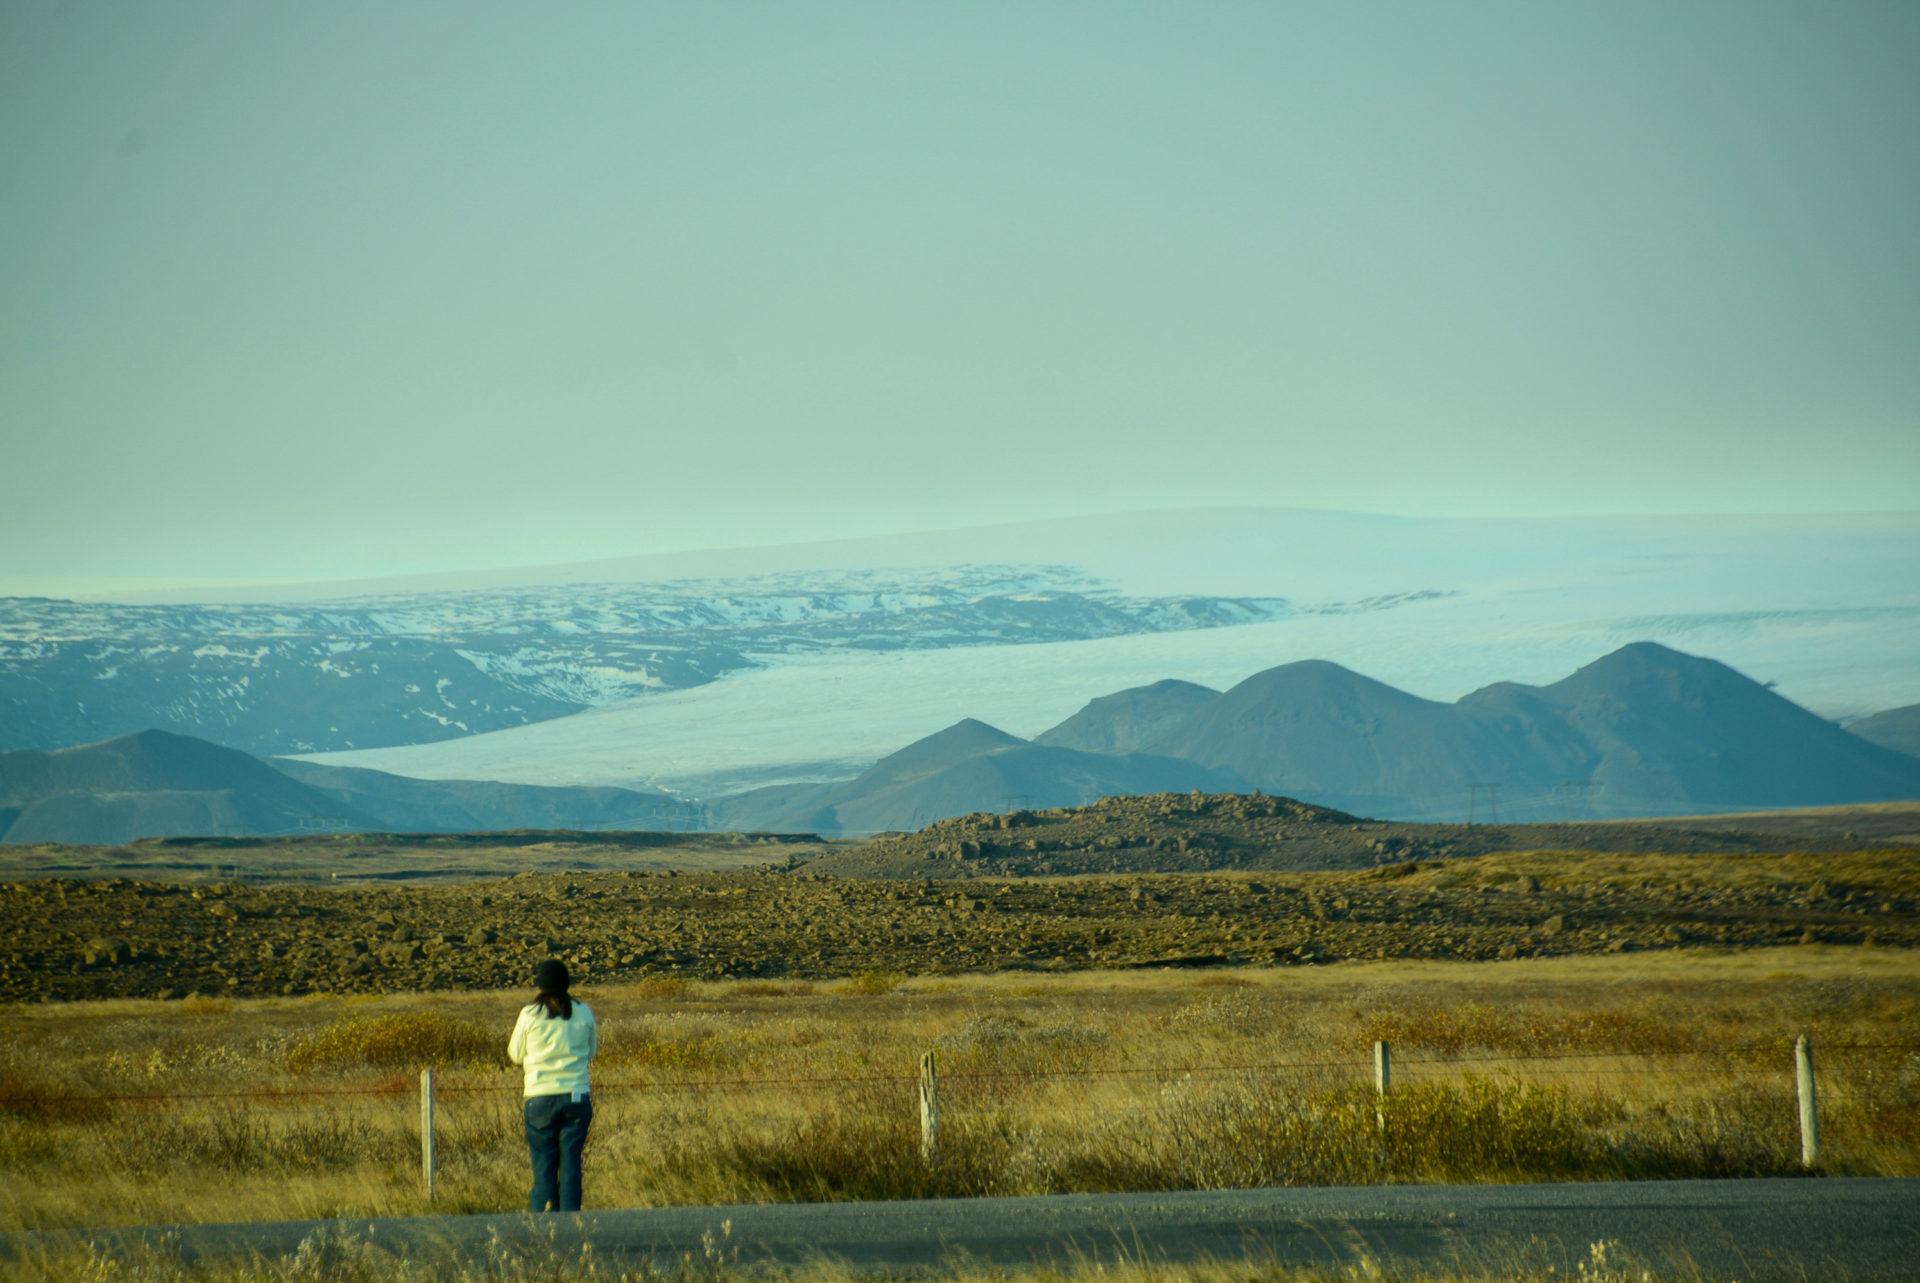 Frau blickt auf einen Gletscher bei Gullfoll im Goldenen Dreieck von Island